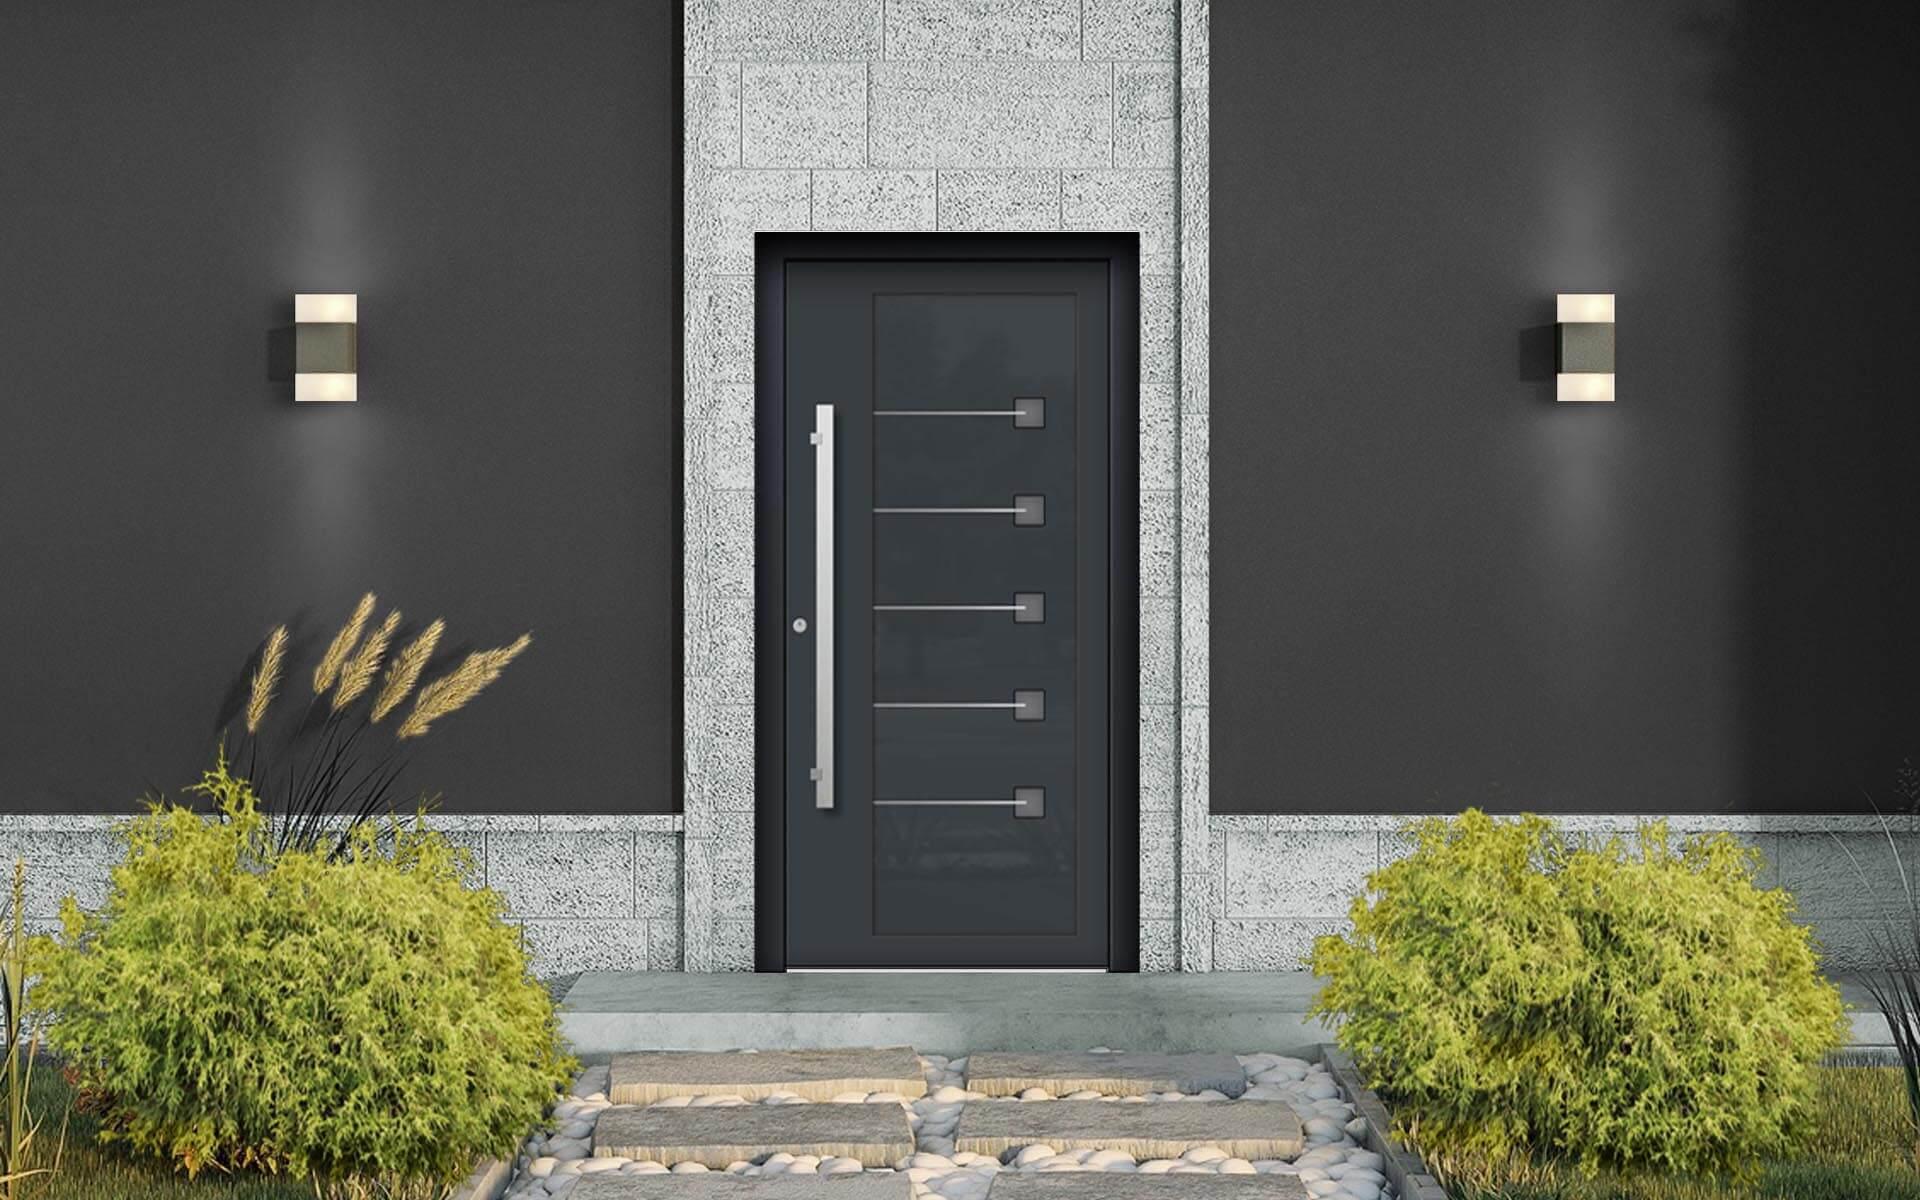 Vchodové hliníkové dvere do domu s odolnou výplňou s dilatačným jadrom v antracitovej farbe